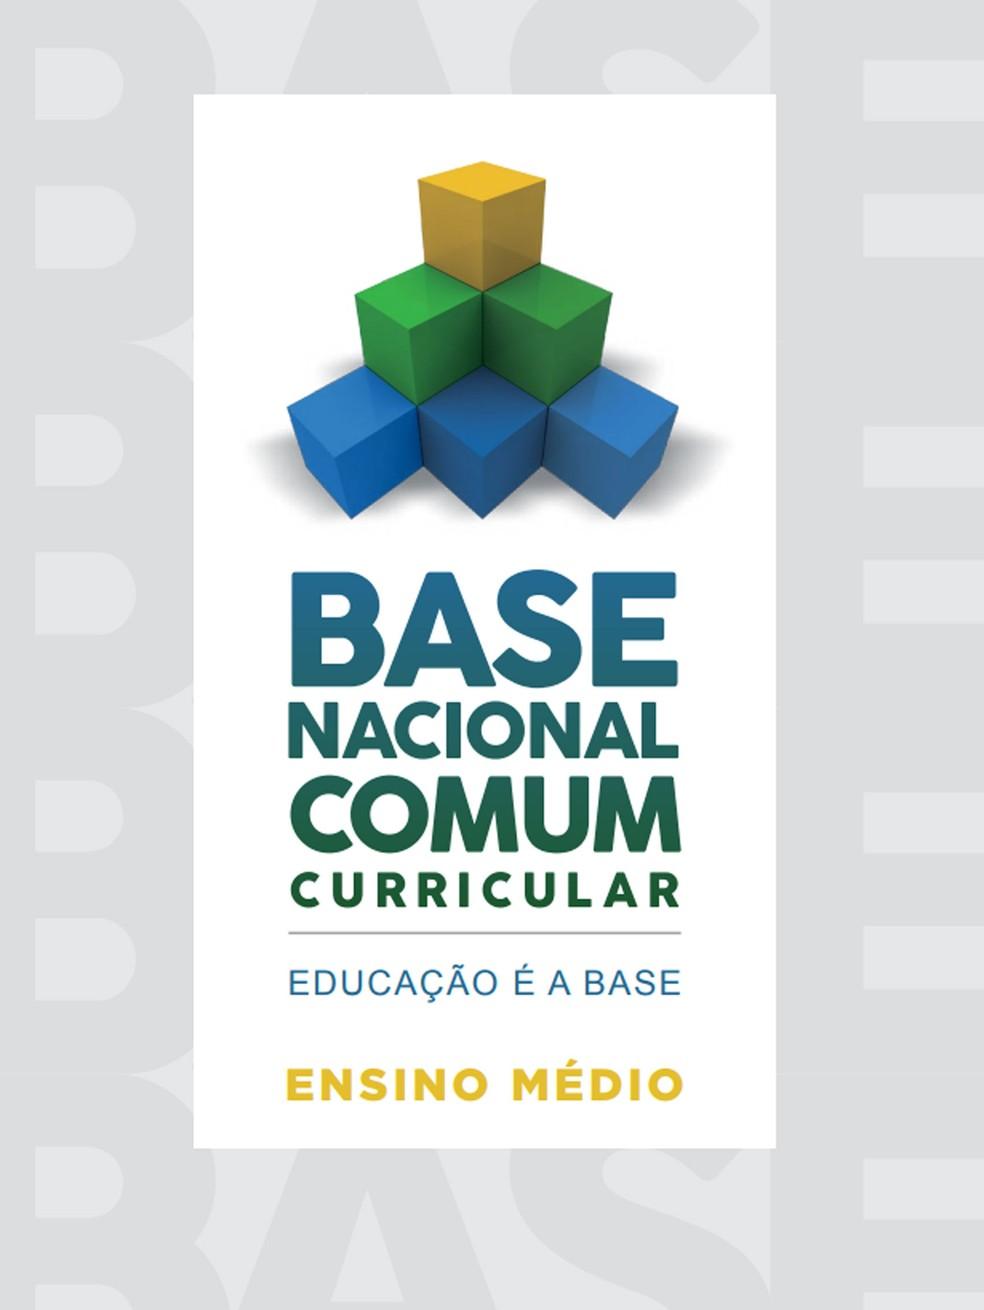 Base Nacional Comum Curricular do Ensino Médio (Foto: Reprodução)